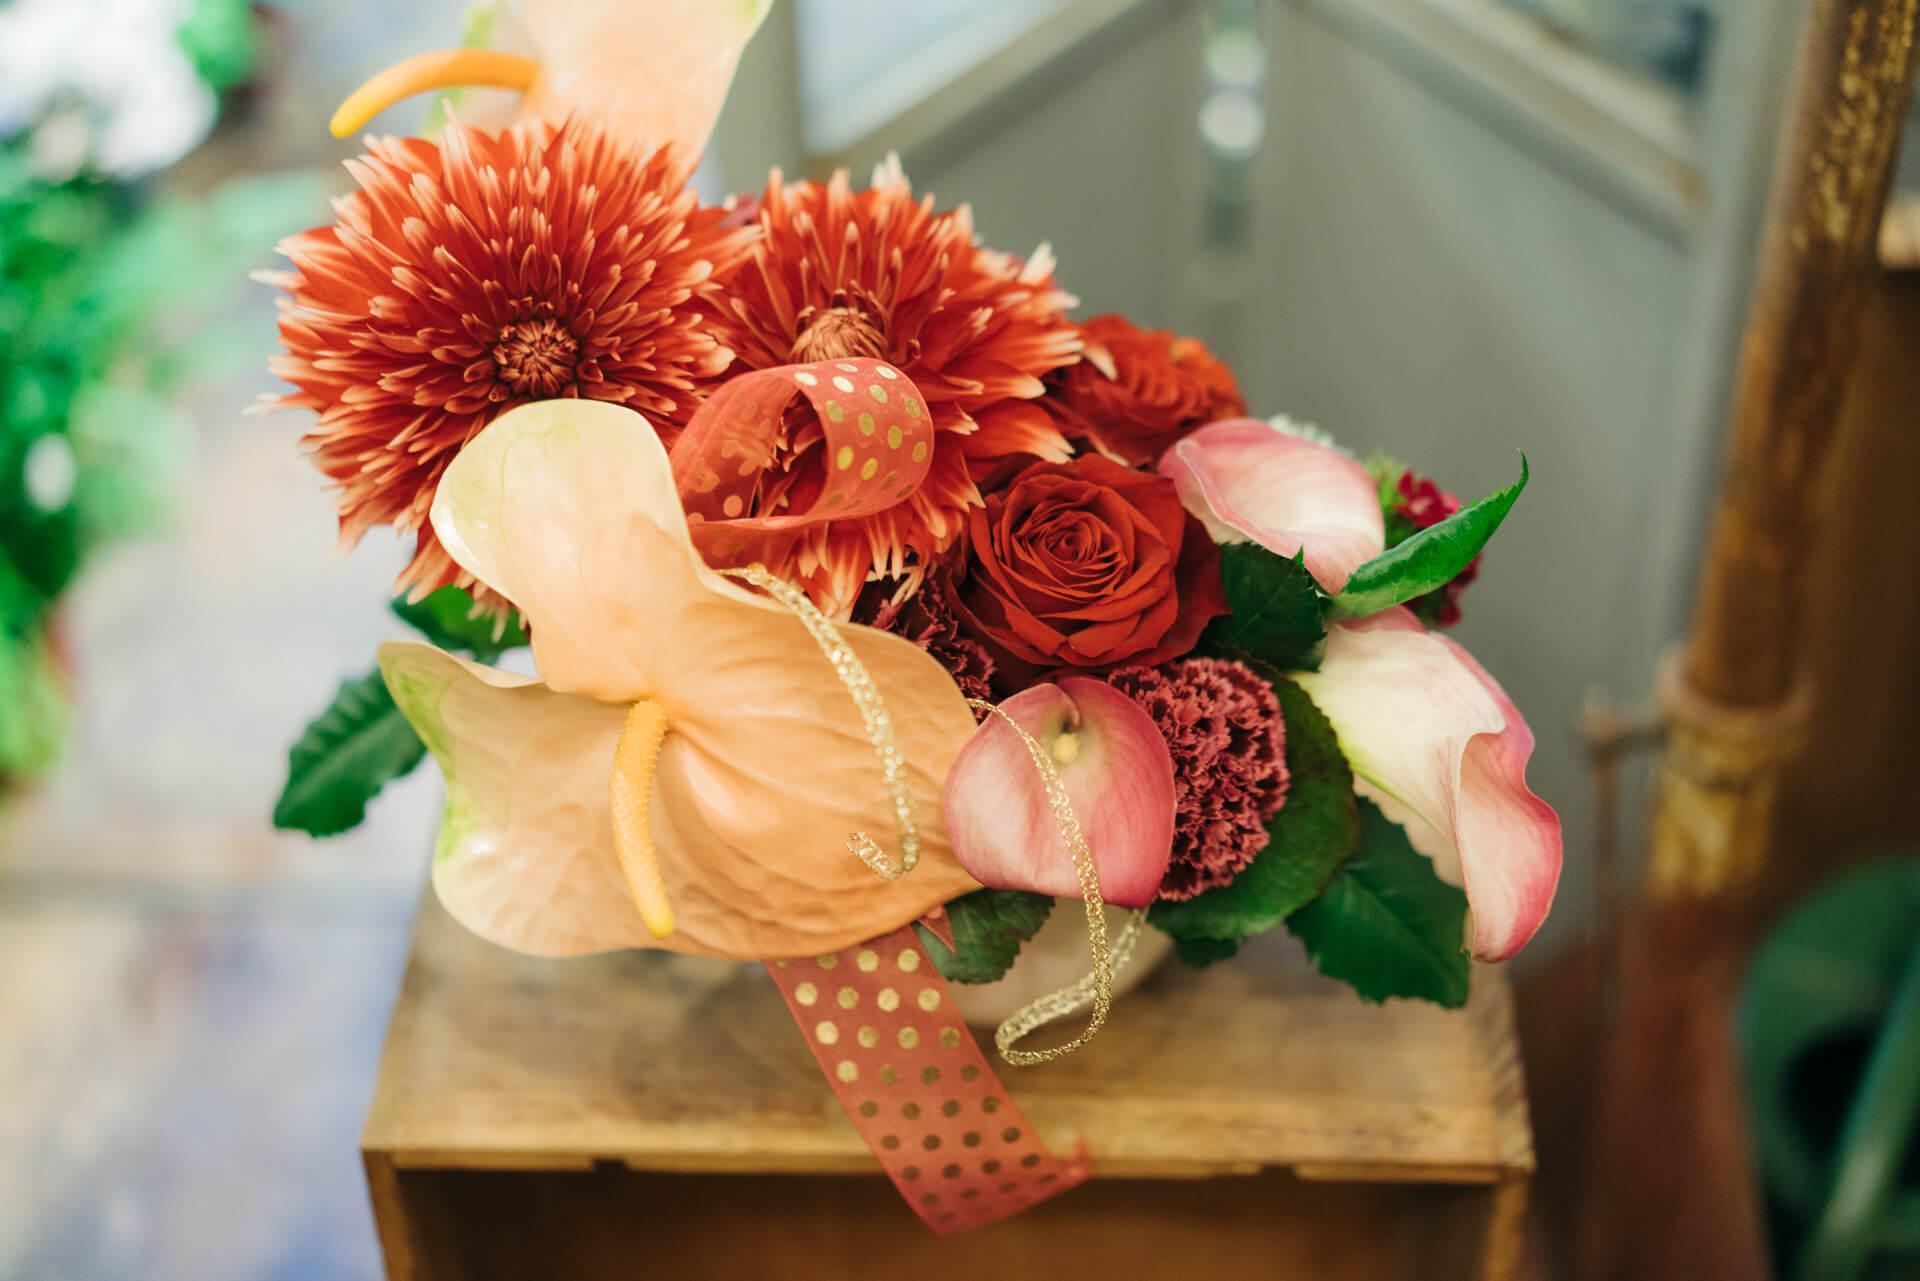 そうこうしているうちに、「華やかに!」というリクエストに応えて赤いお花を中心に豪華なアレンジメントが完成していました。誕生日に、こんなお花がもらえたら嬉しいな。